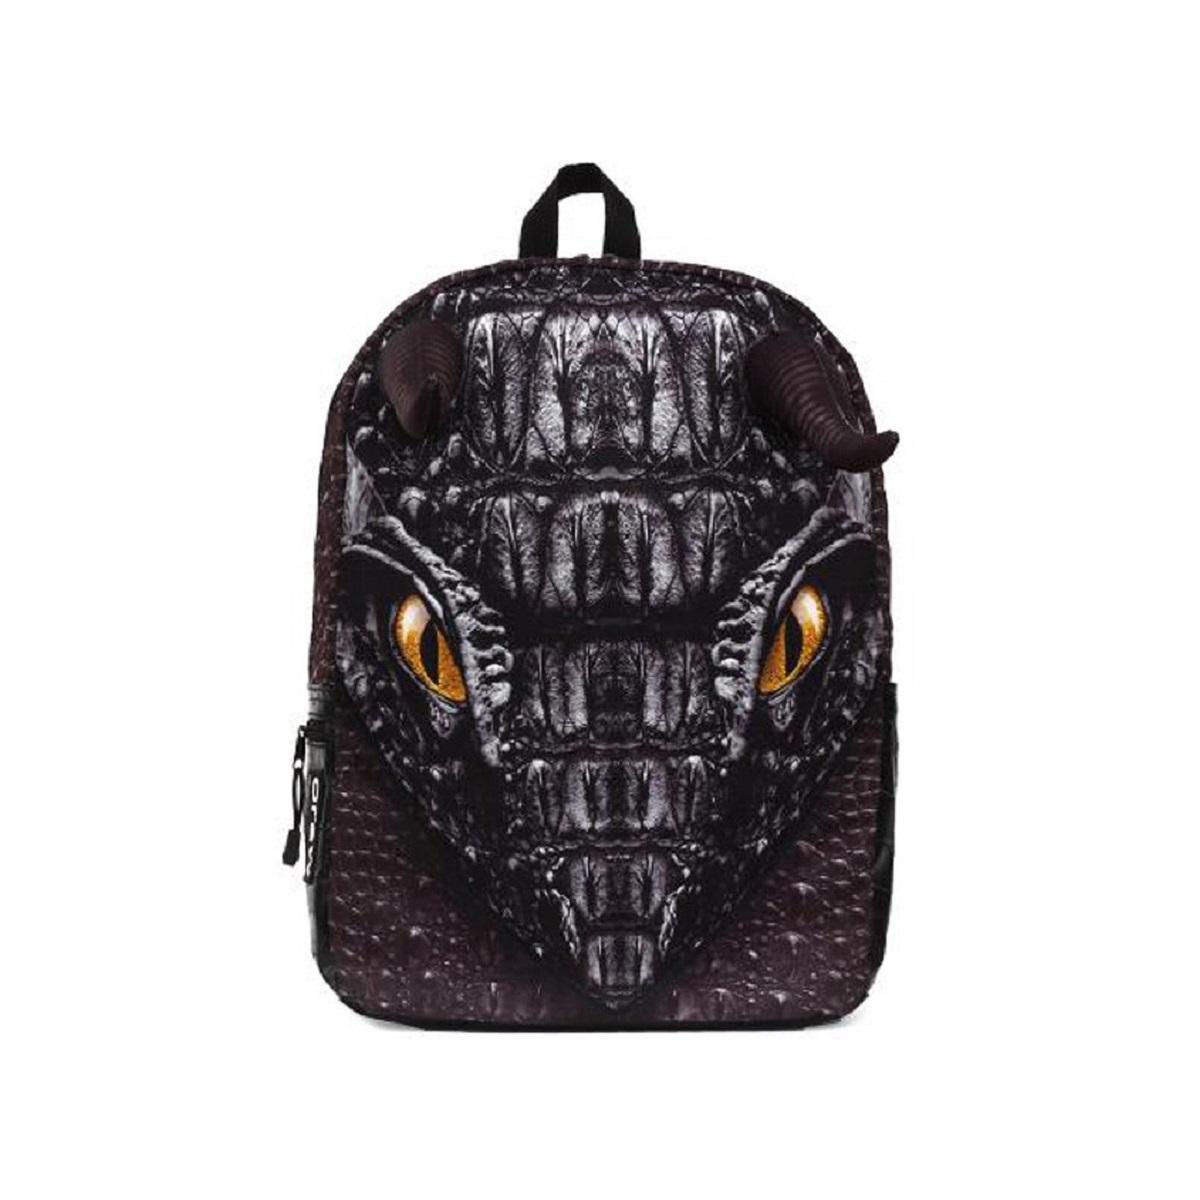 Рюкзак молодежный Mojo Black Dragon, цвет: черный, 20 лRU-600-1/4Оригинальный рюкзак в виде морды дракона с сияющими глазами. Отличает этот рюкзак торчащие рога, которые придают этому рюкзаку реалистичность и креатив.